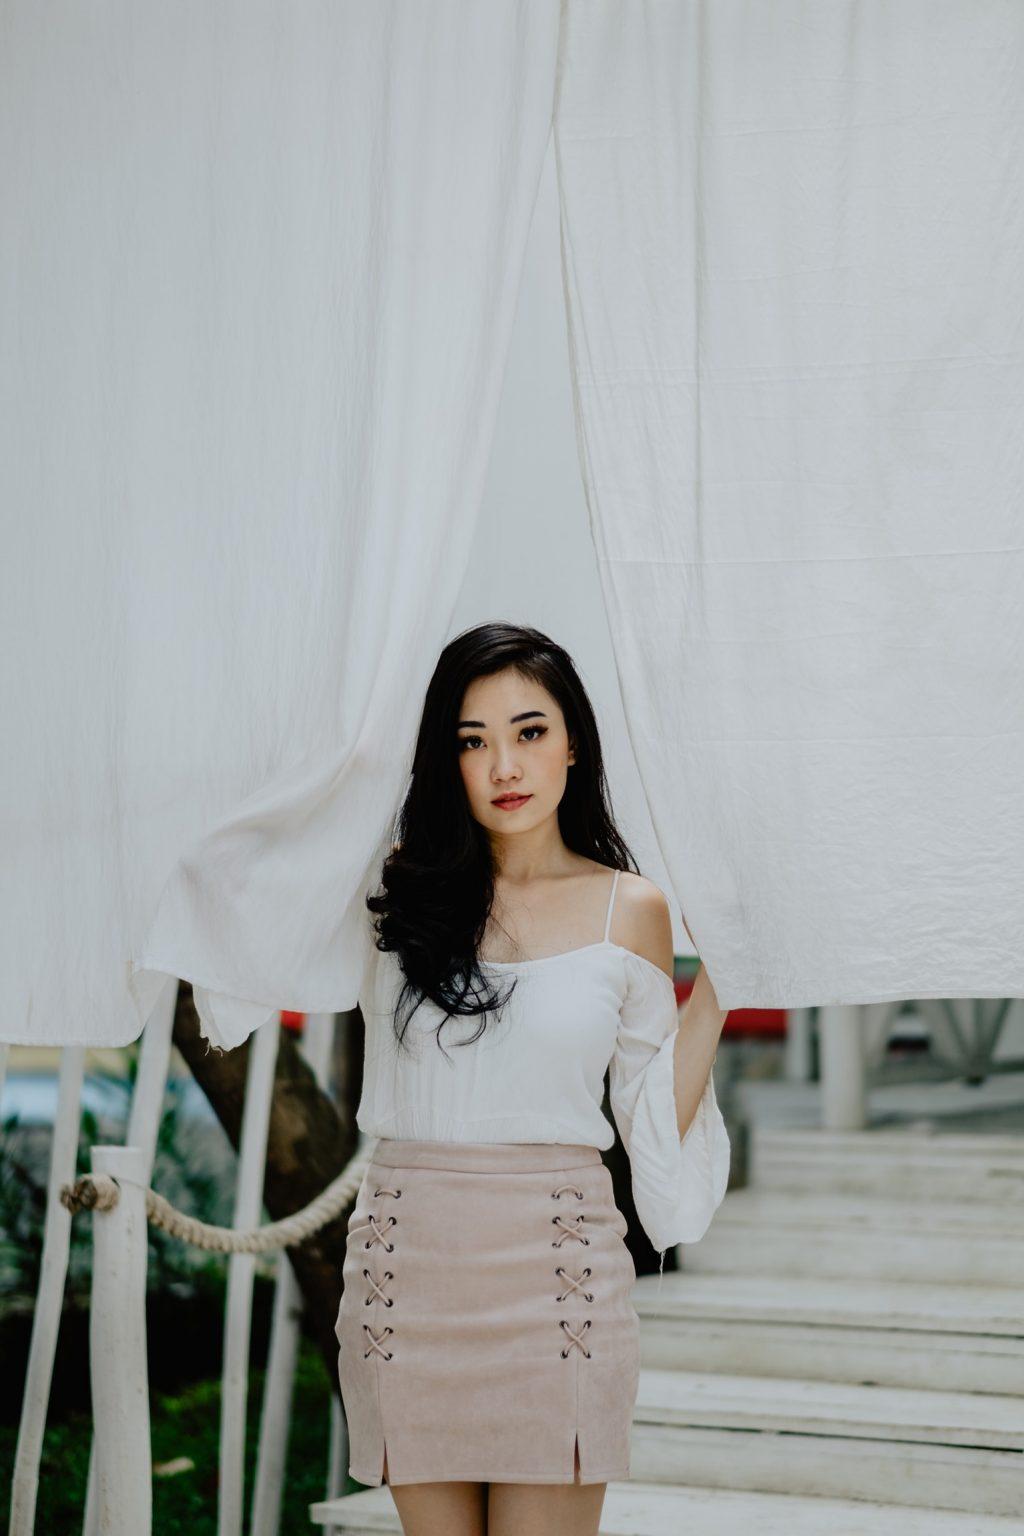 cô gái mặc áo trắng và chân váy hồng